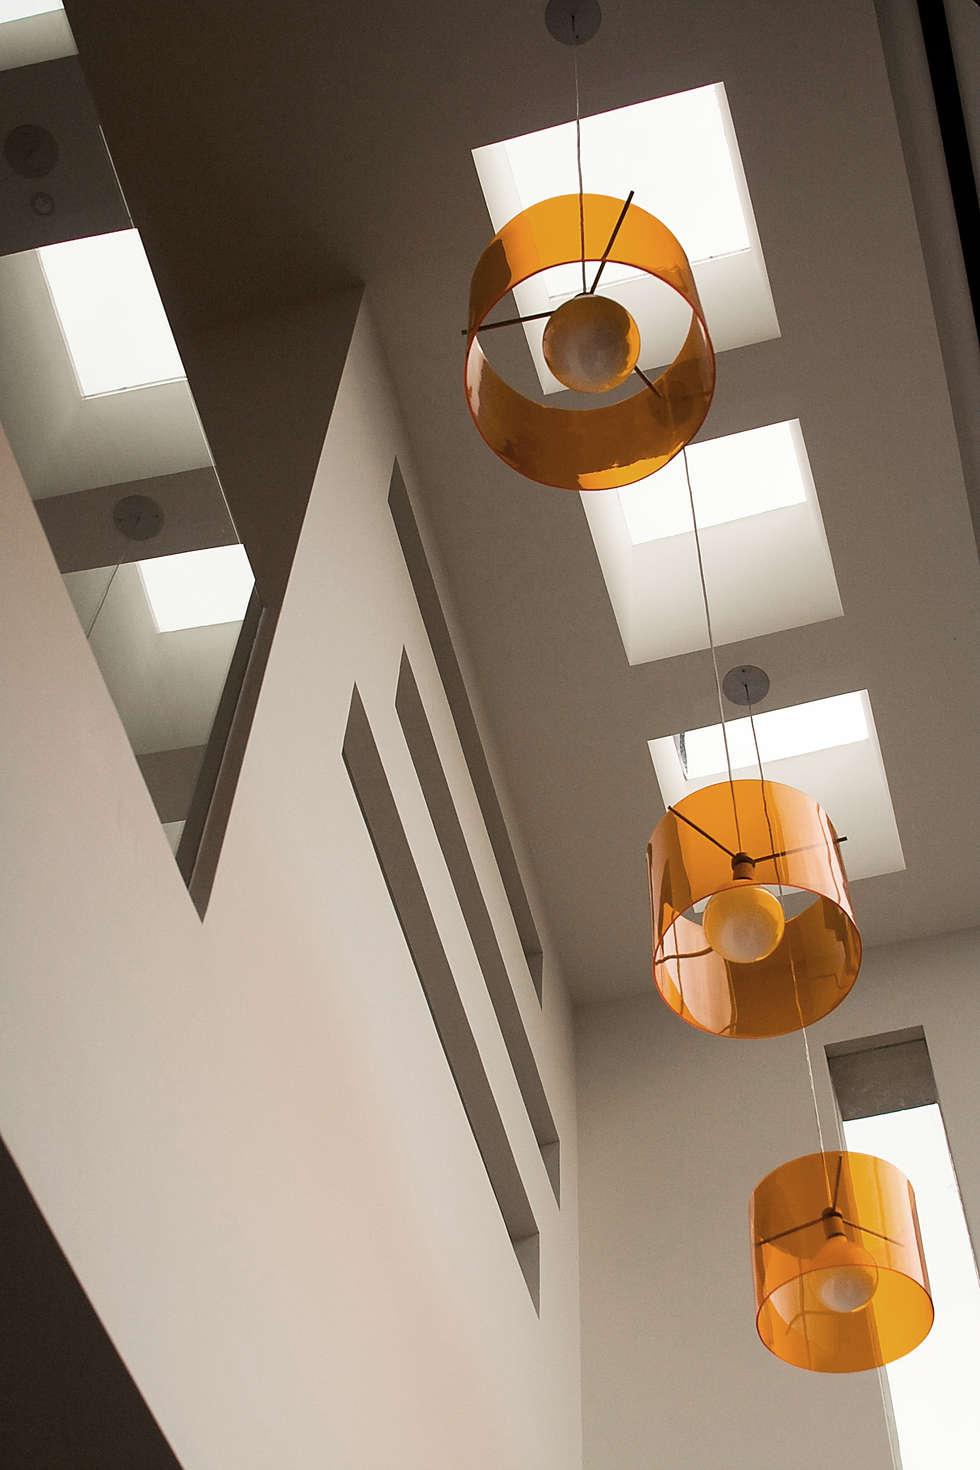 Pent House  RuizPerez-Cielo Raso: Casas de estilo moderno por RIVAL Arquitectos  S.A.S.